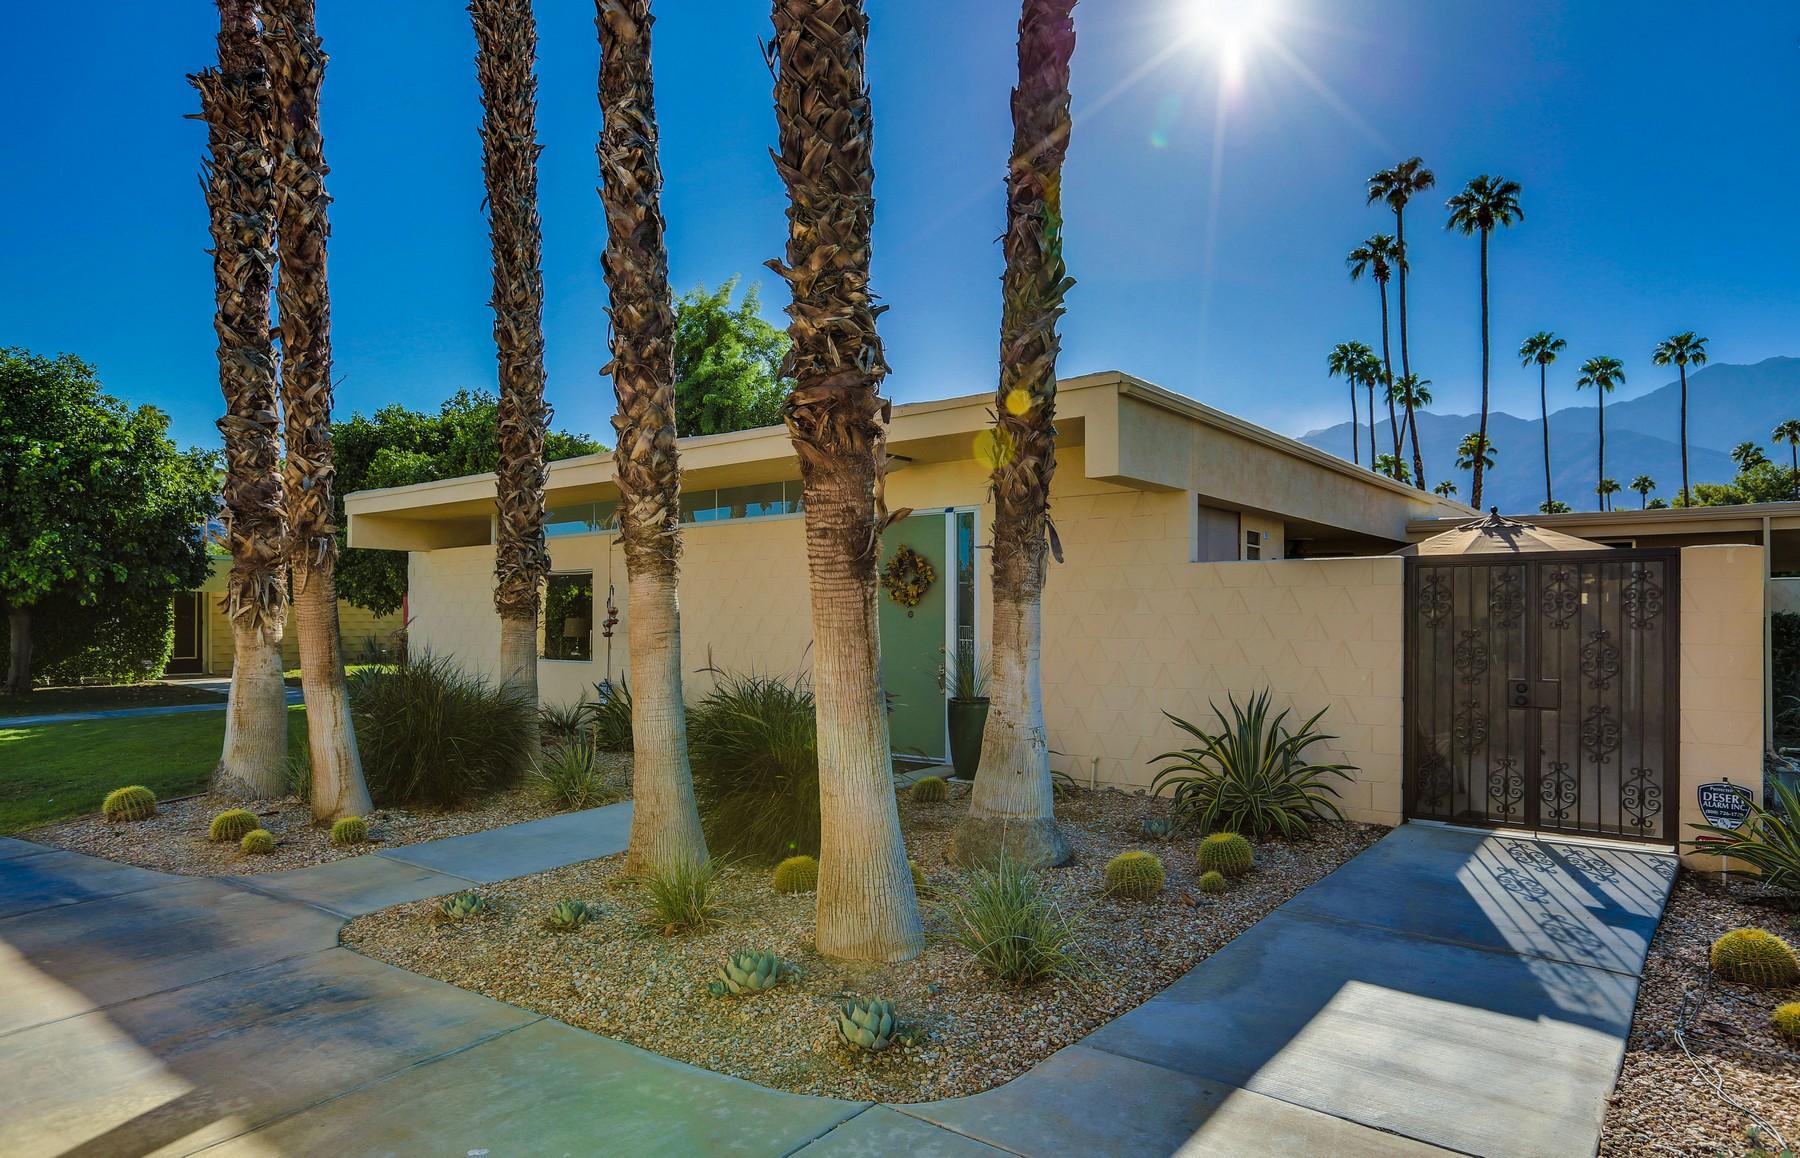 Частный односемейный дом для того Продажа на 338 Desert Lakes Drive Palm Springs, Калифорния, 92264 Соединенные Штаты